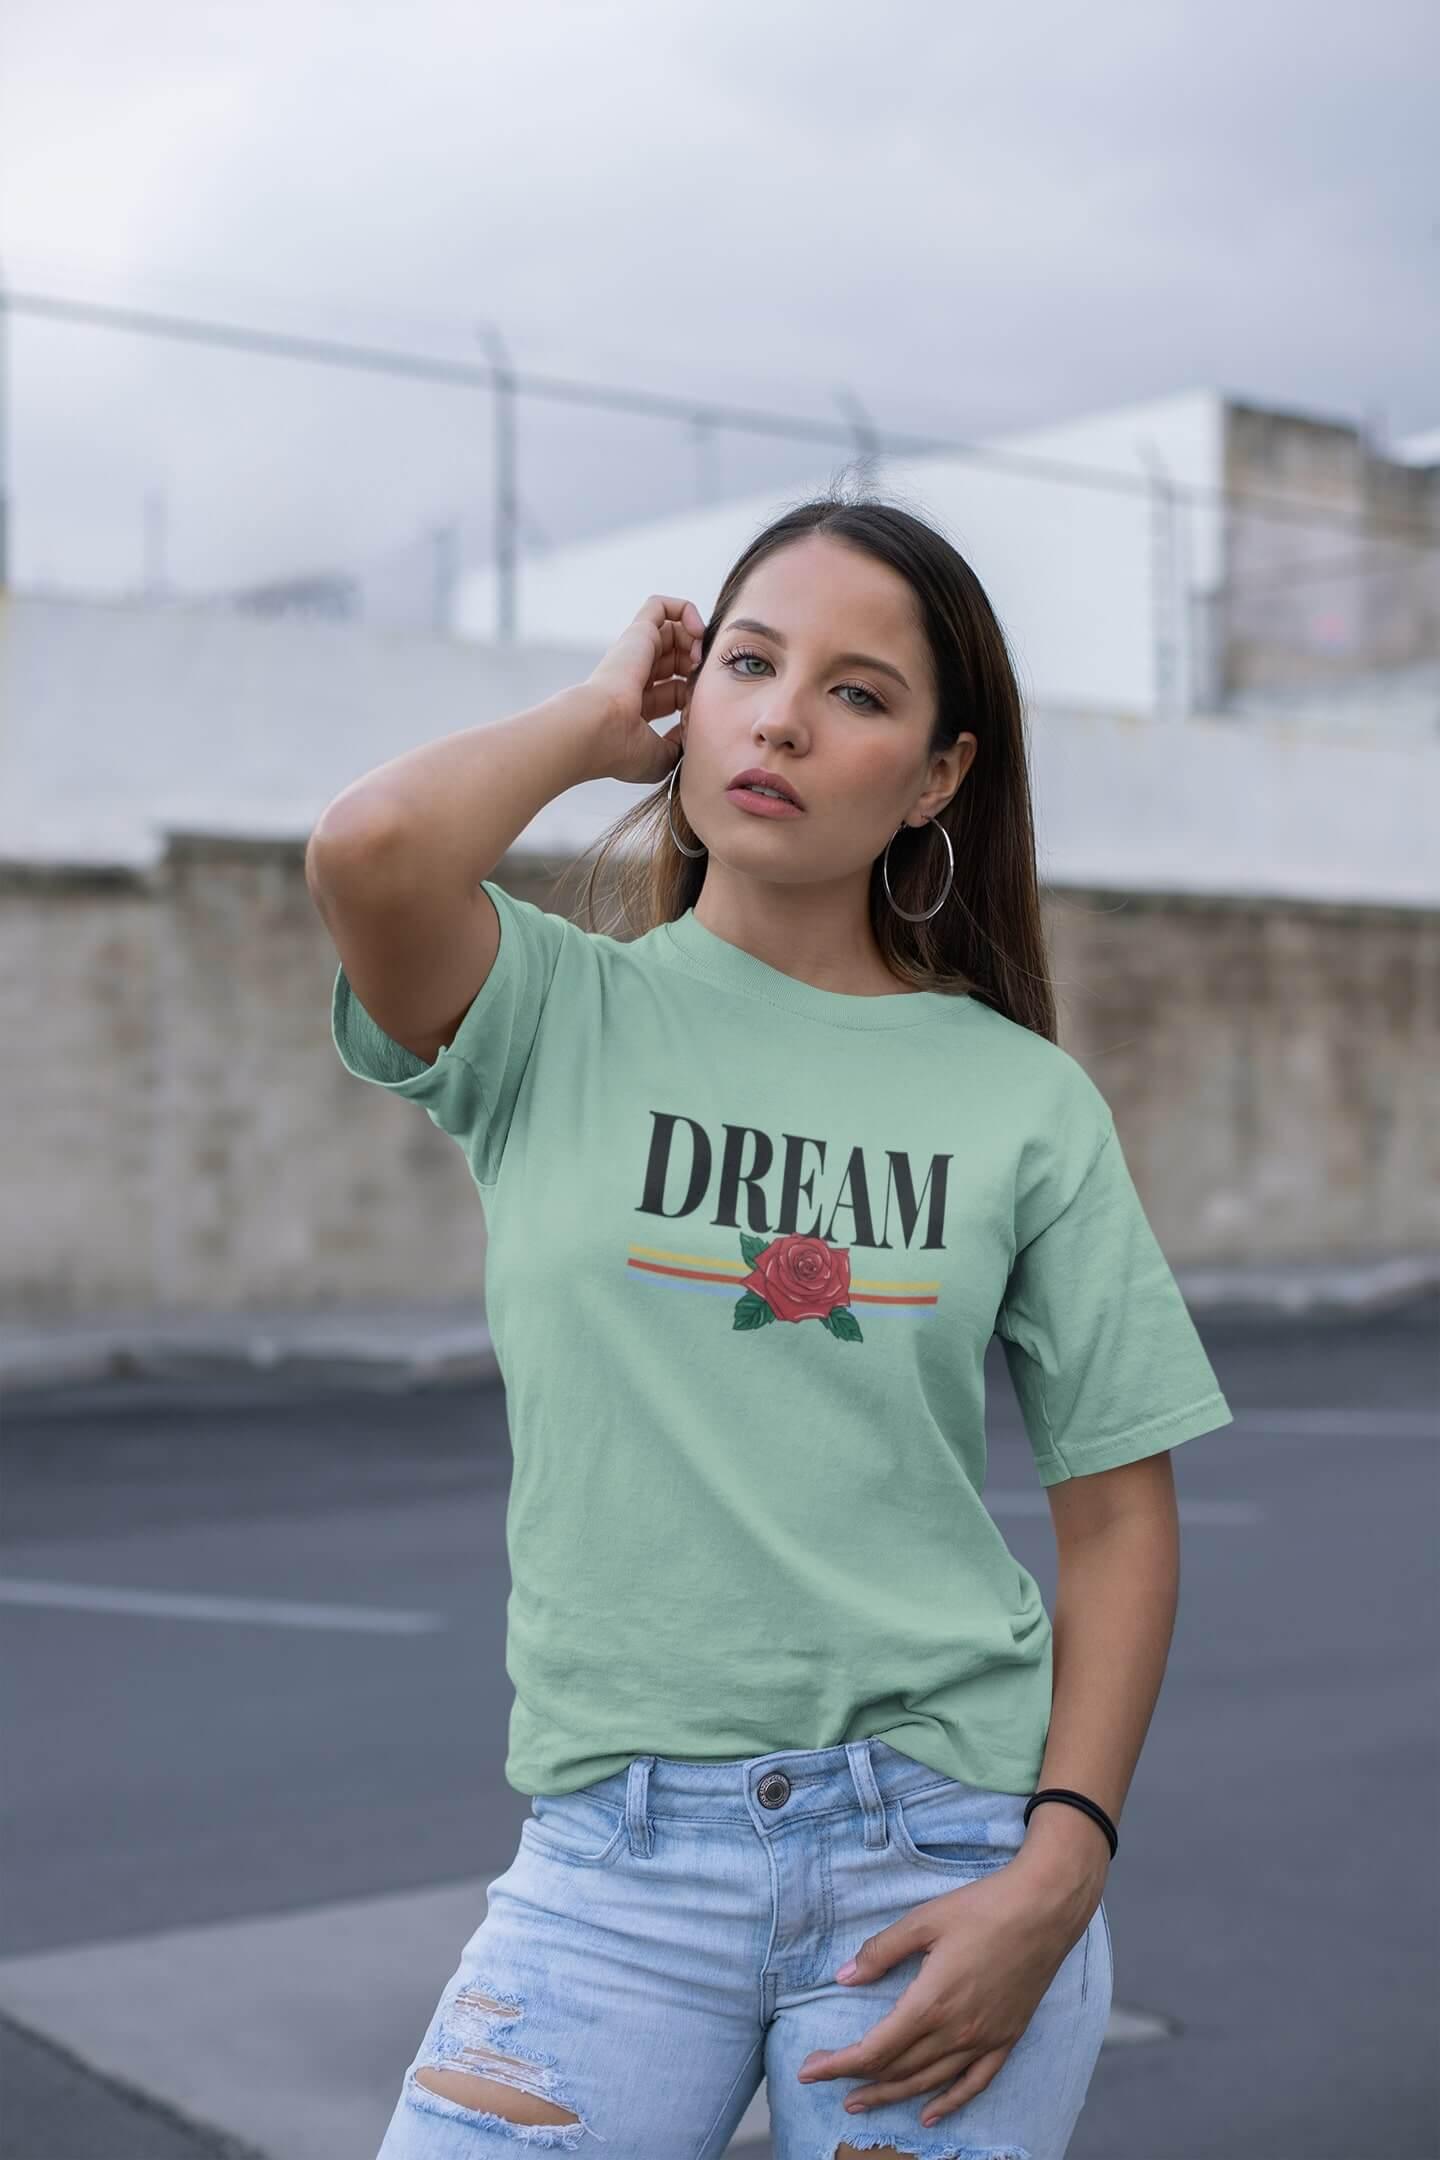 MMO Dámske tričko Dream Vyberte farbu: Mätová, Vyberte veľkosť: M